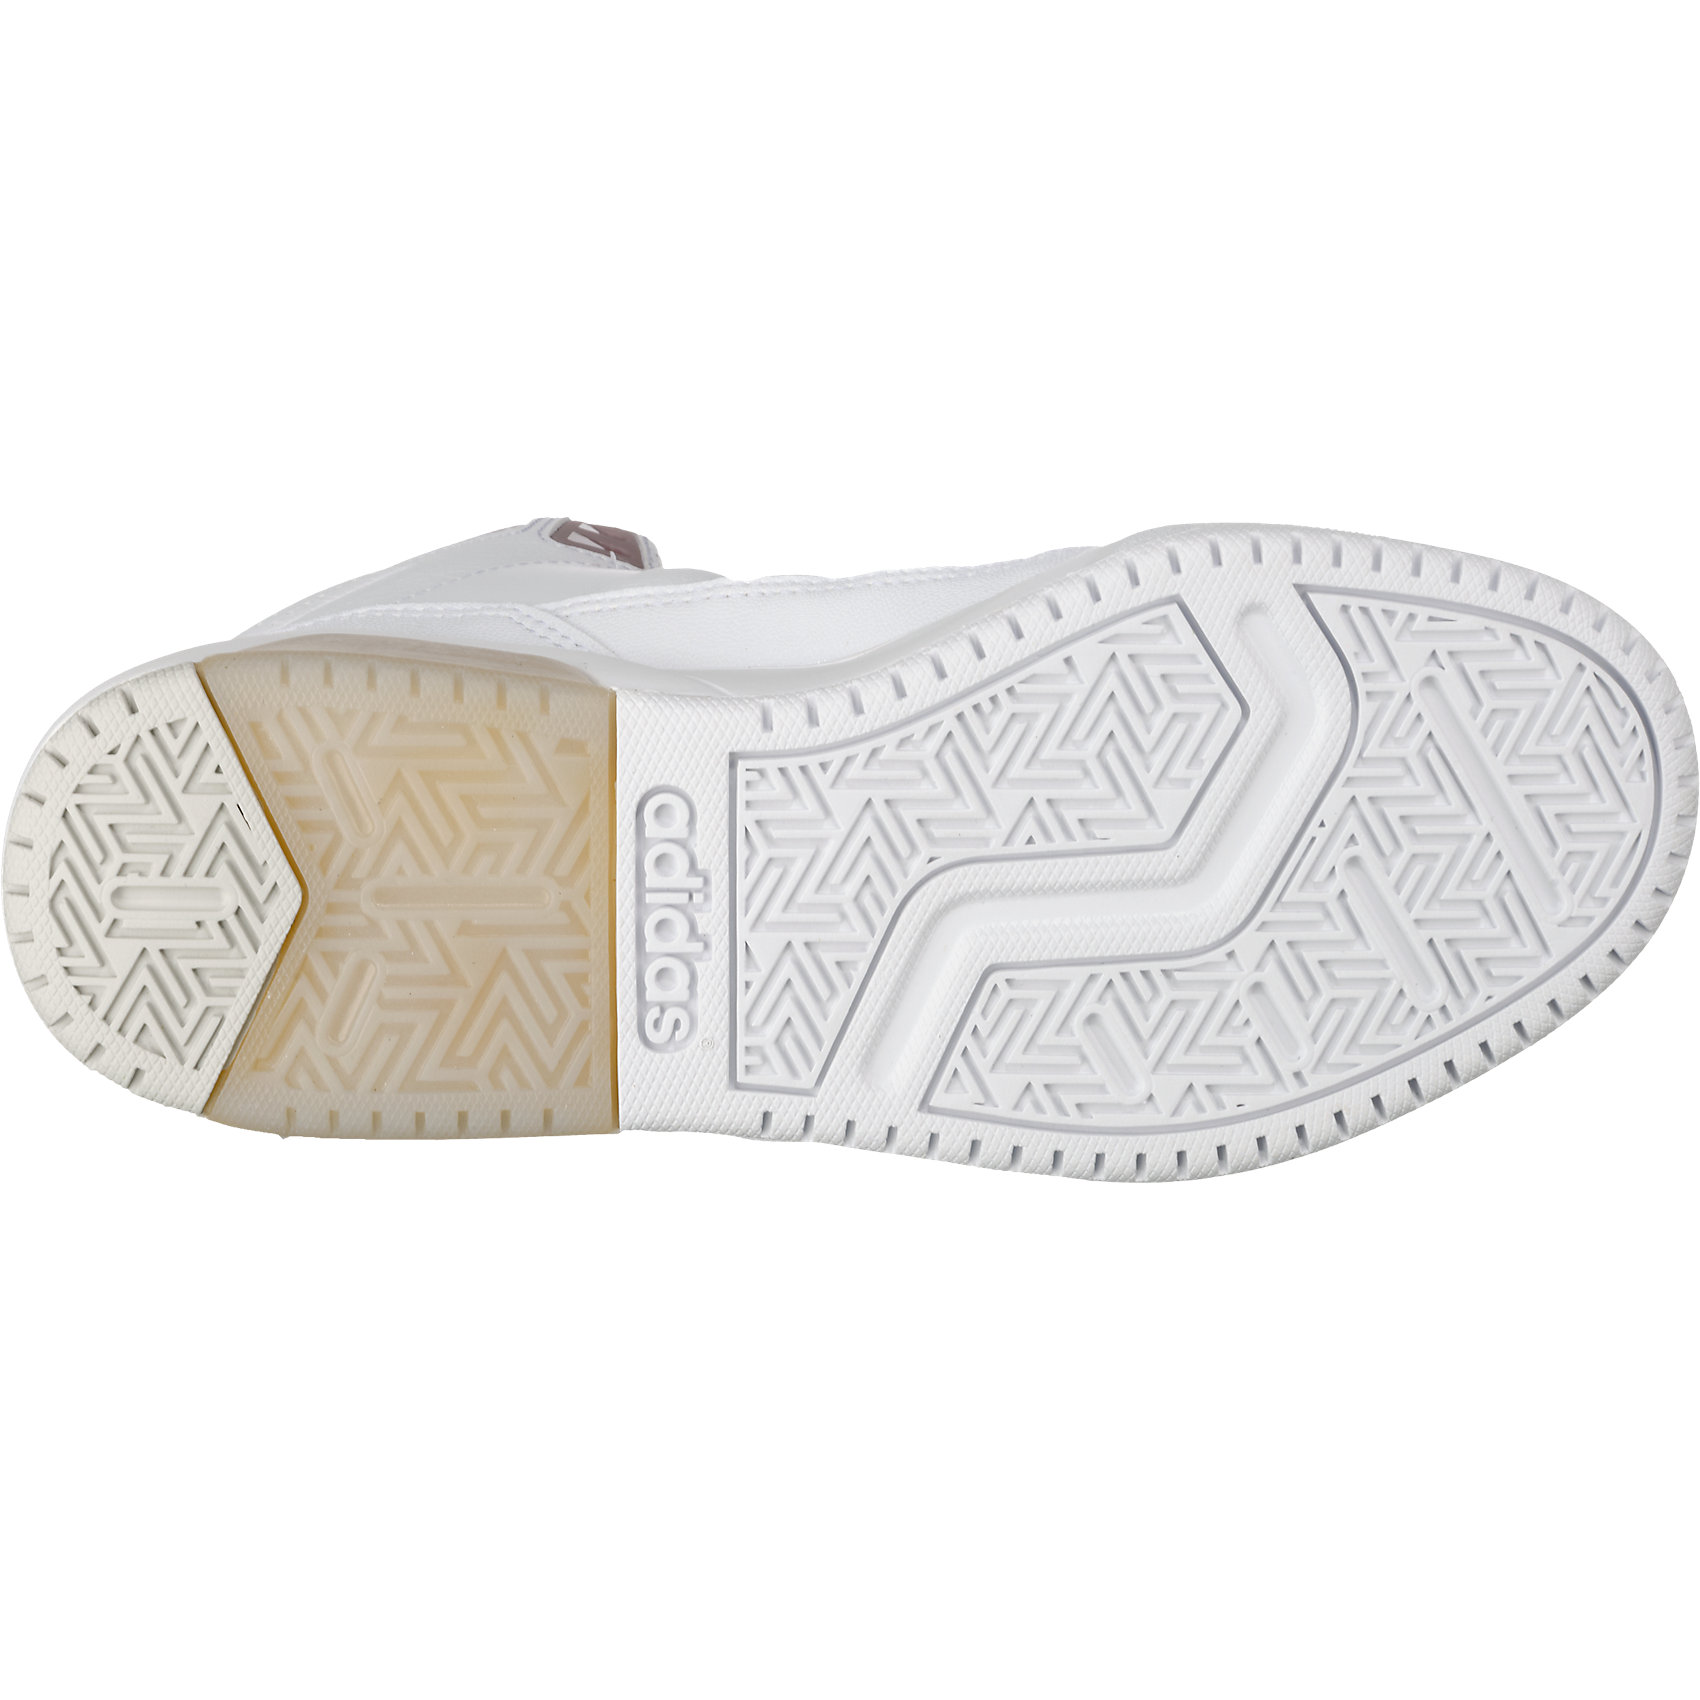 Details zu Neu adidas NEO Play9Tis Sneakers weiß schwarz 5766769